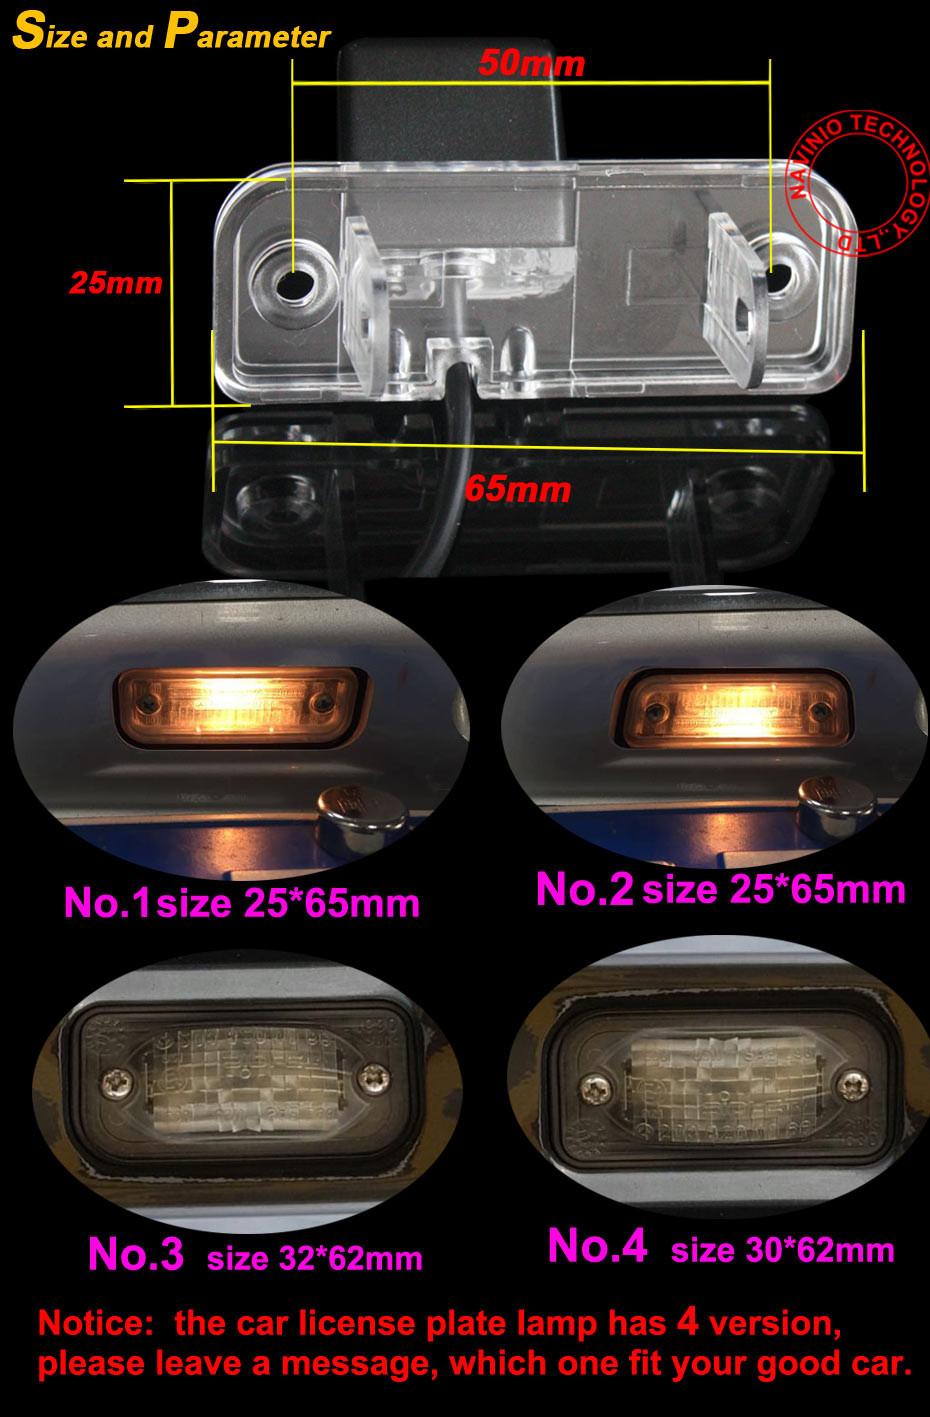 для ПЗС Мерседес Бенц с класс W203 Е-класса класса W211 и CLS w219 300 автомобиля обратный камера заднего вида назад до